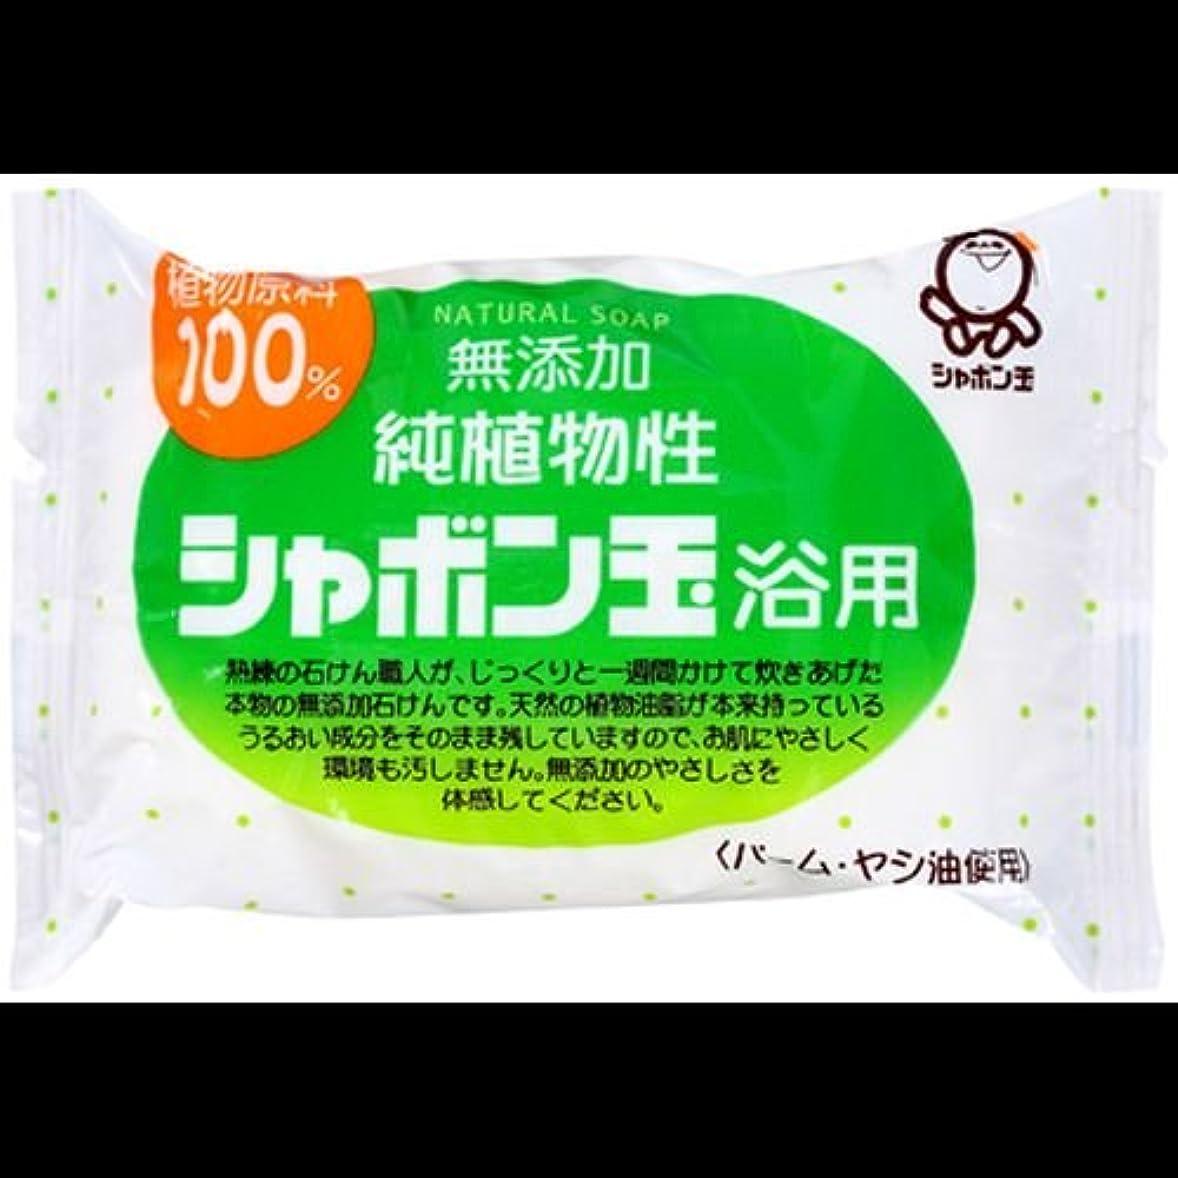 中央地理警察署【まとめ買い】シャボン玉 無添加 純植物性 シャボン玉浴用石けん 純植物性 100g ×2セット